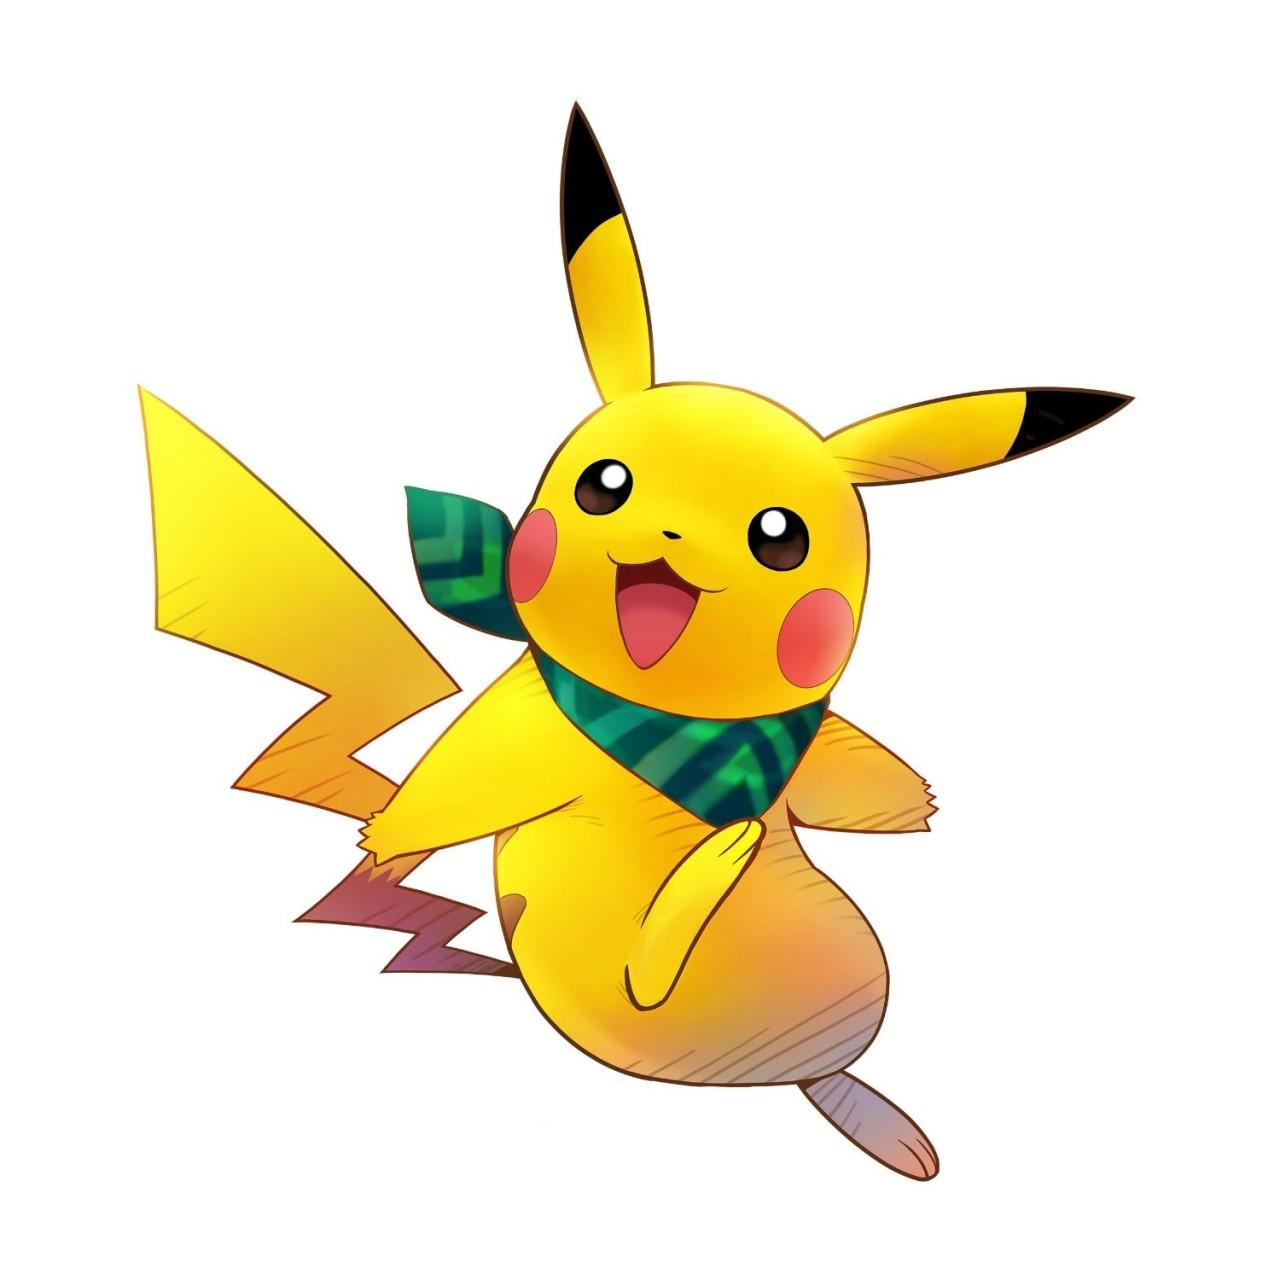 Fullsize Of Zoom Lens Pokemon